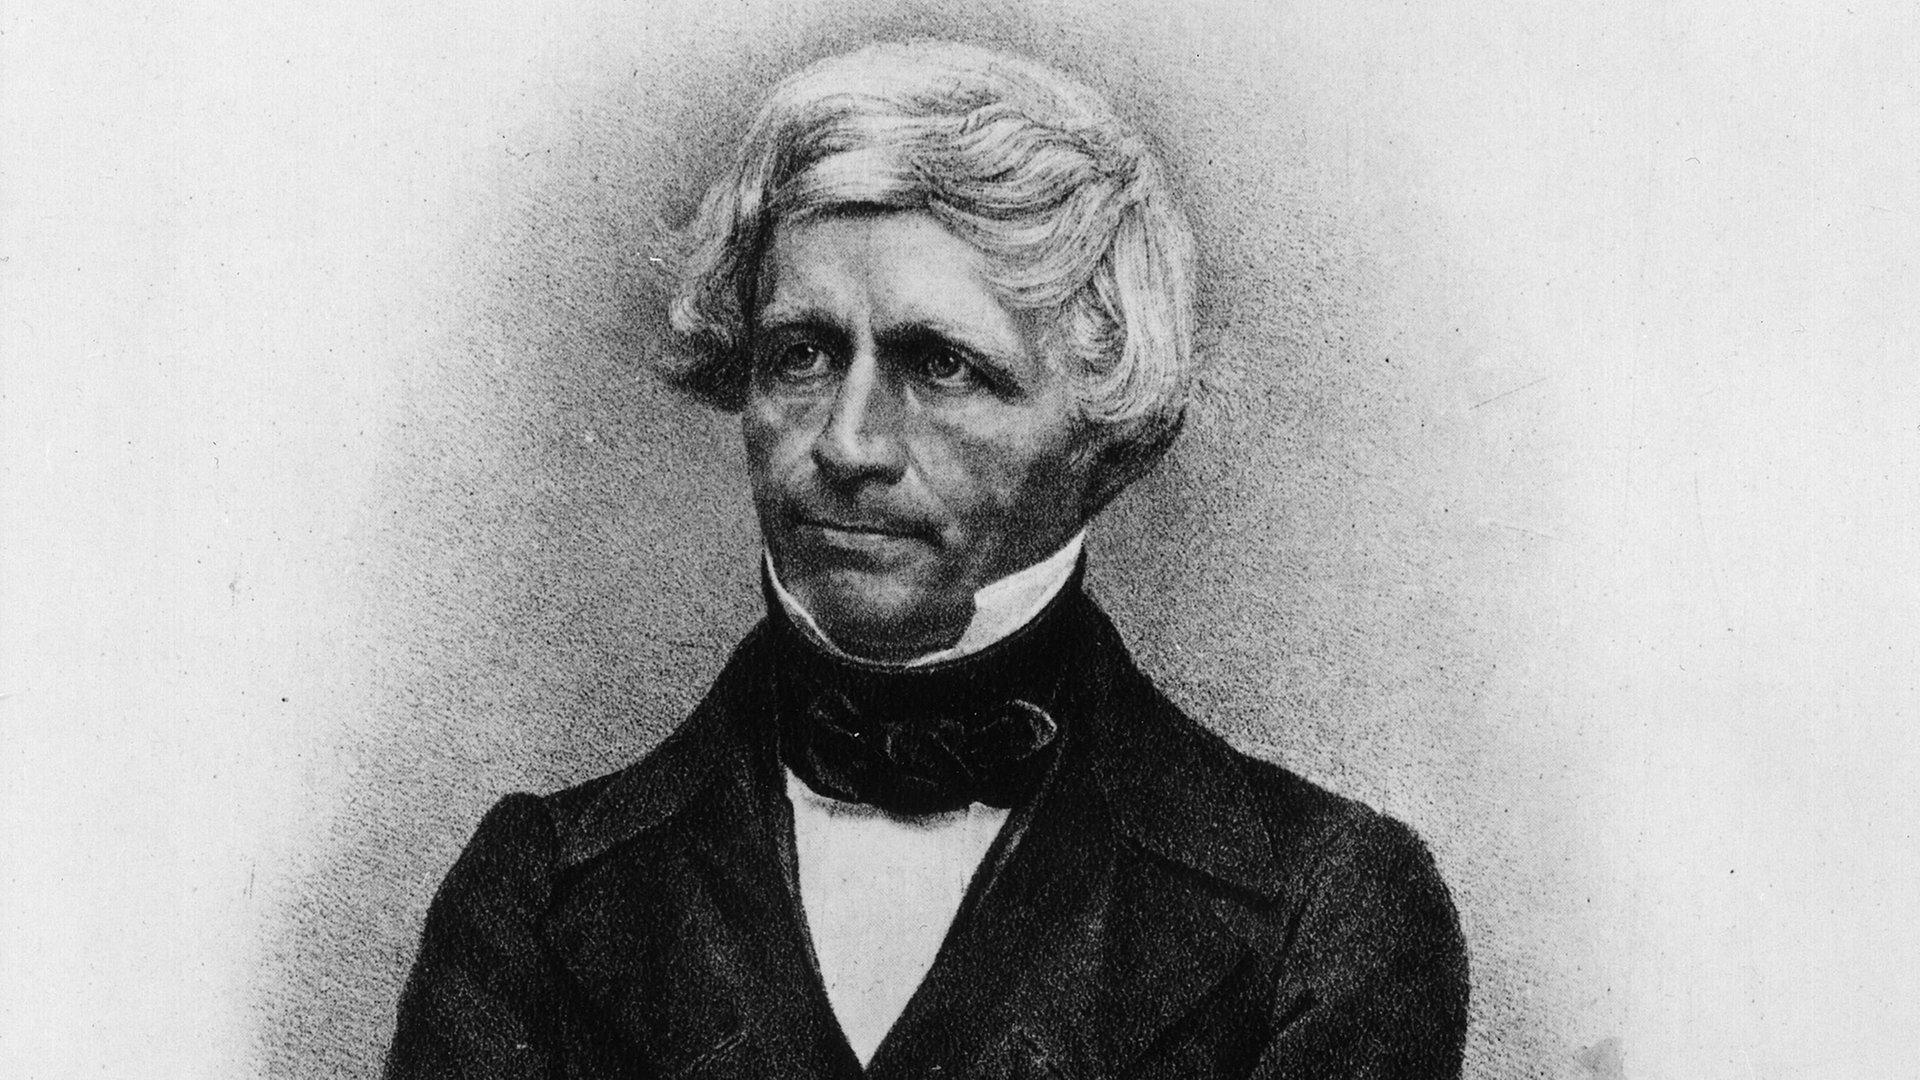 Johann Hinrich Wichern Menschenretter Und Adventskranz Erfinder Ndr De Geschichte Menschen